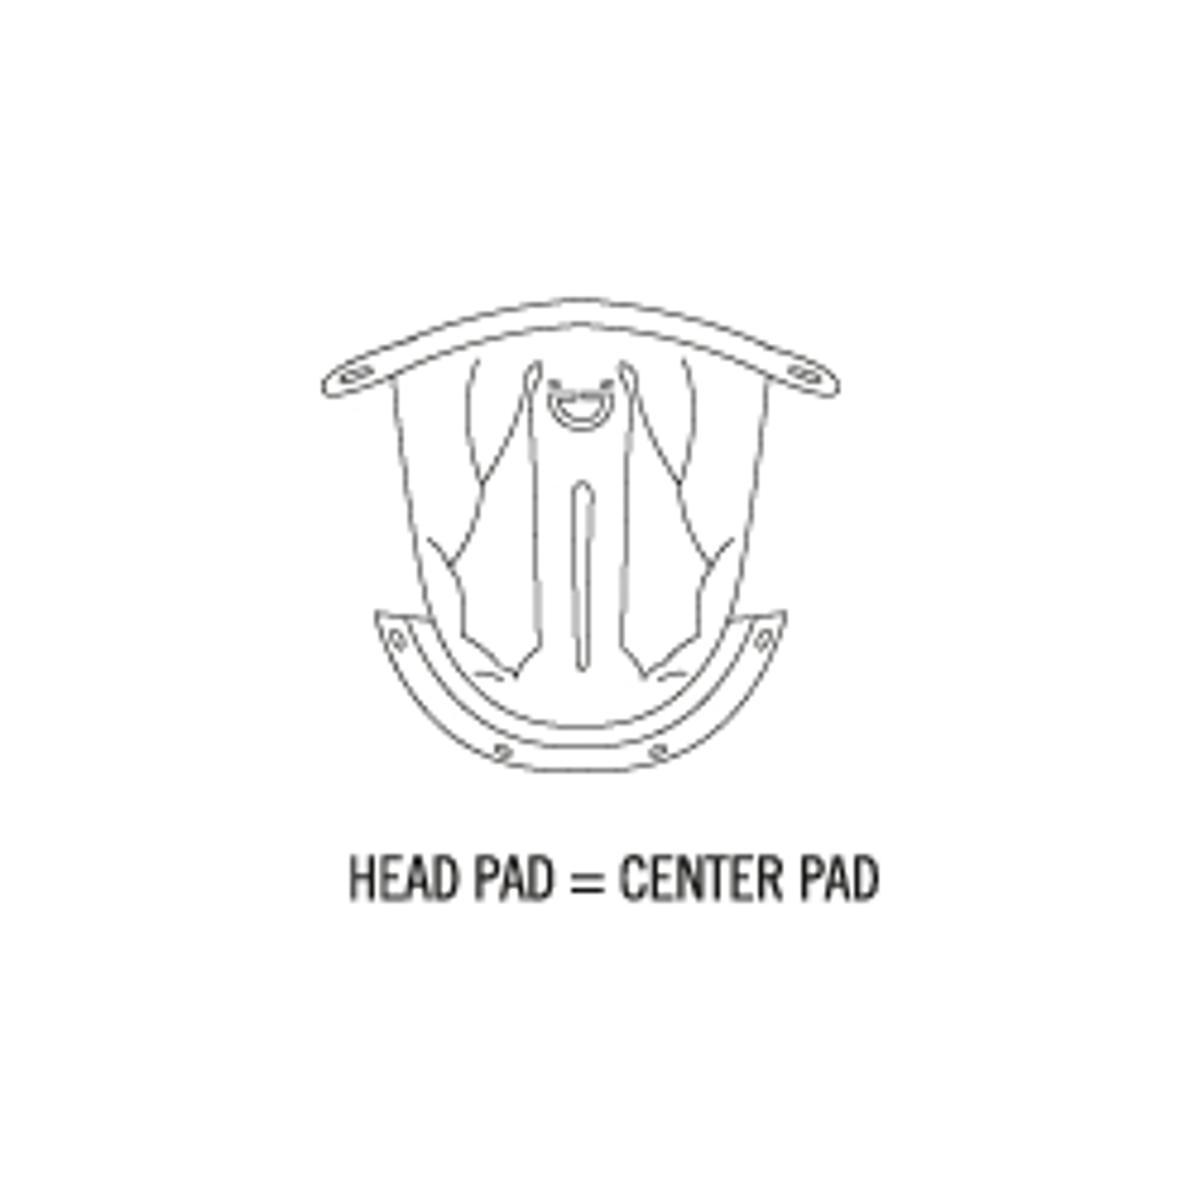 PHO-PW-PERS-VS-head-pad-SALL-AWSG-V1